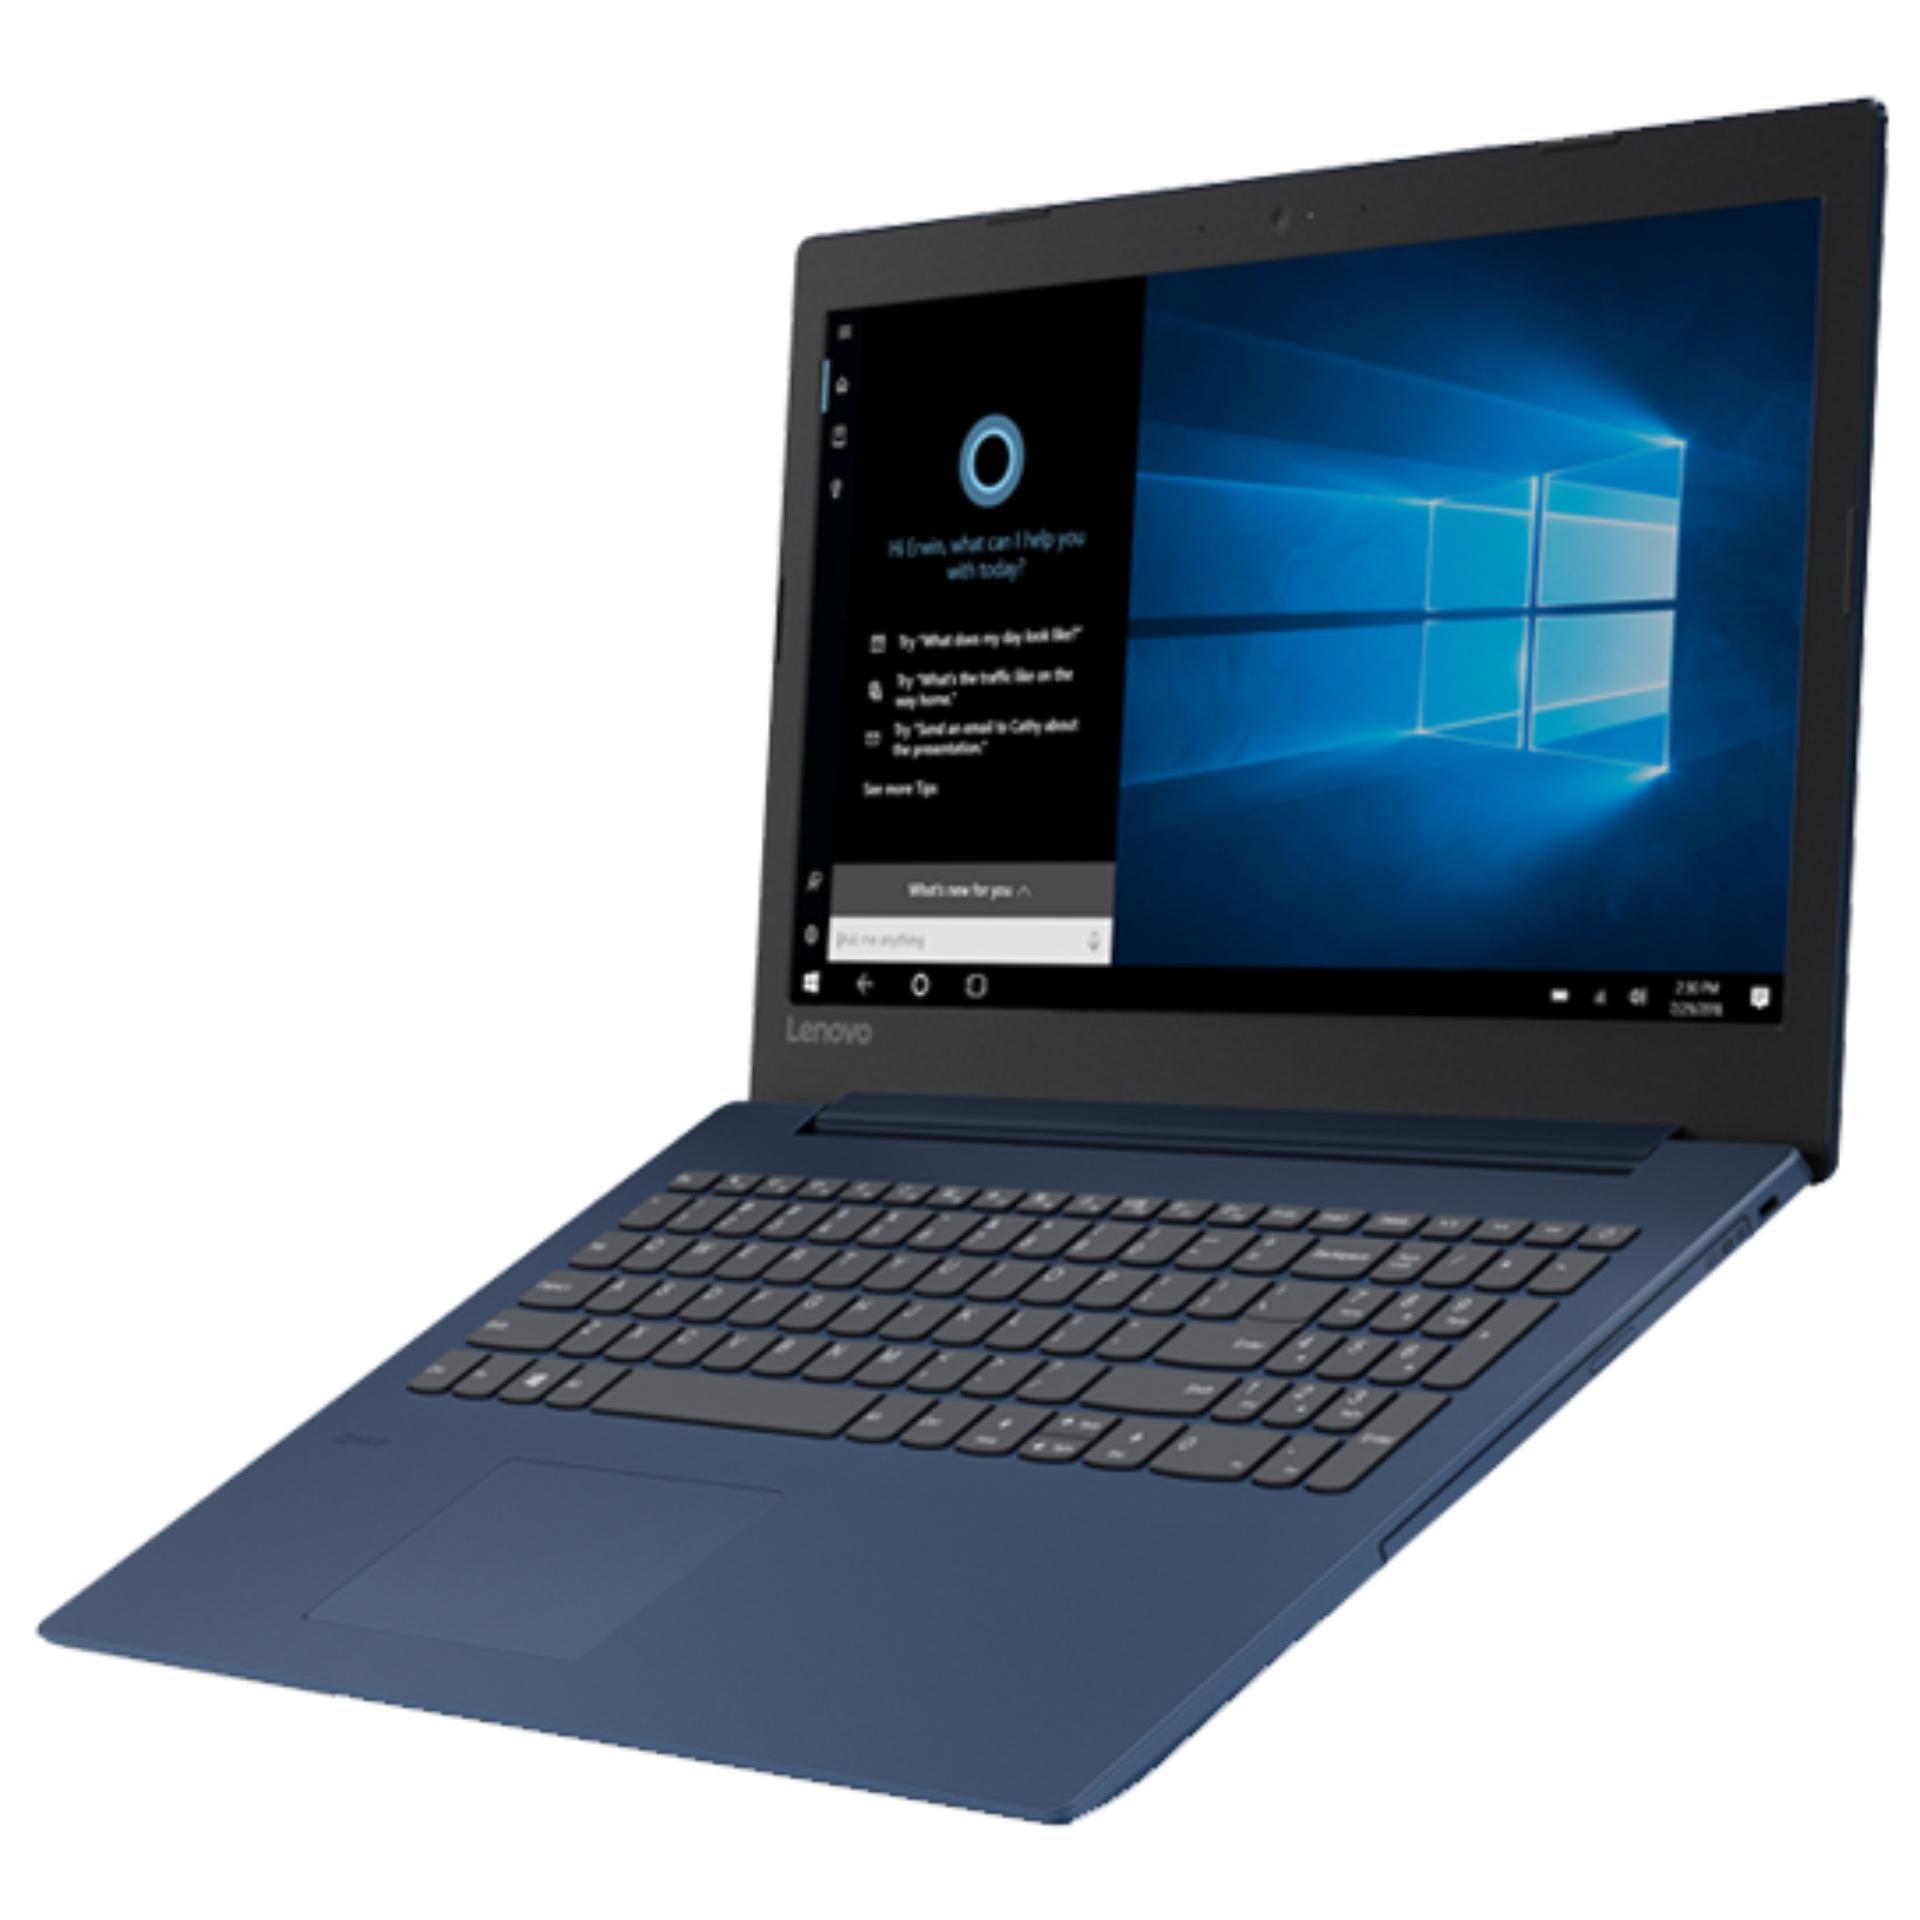 Laptop Gaming Lenovo Terbaik Ideapad 110 Amd A8 7410 Ram 4gb 1tb Hdd Radeon R5 M430 2gb 156 Inch Hd Dos Black 330 15ich 37id Blue Intel Core I5 8300h